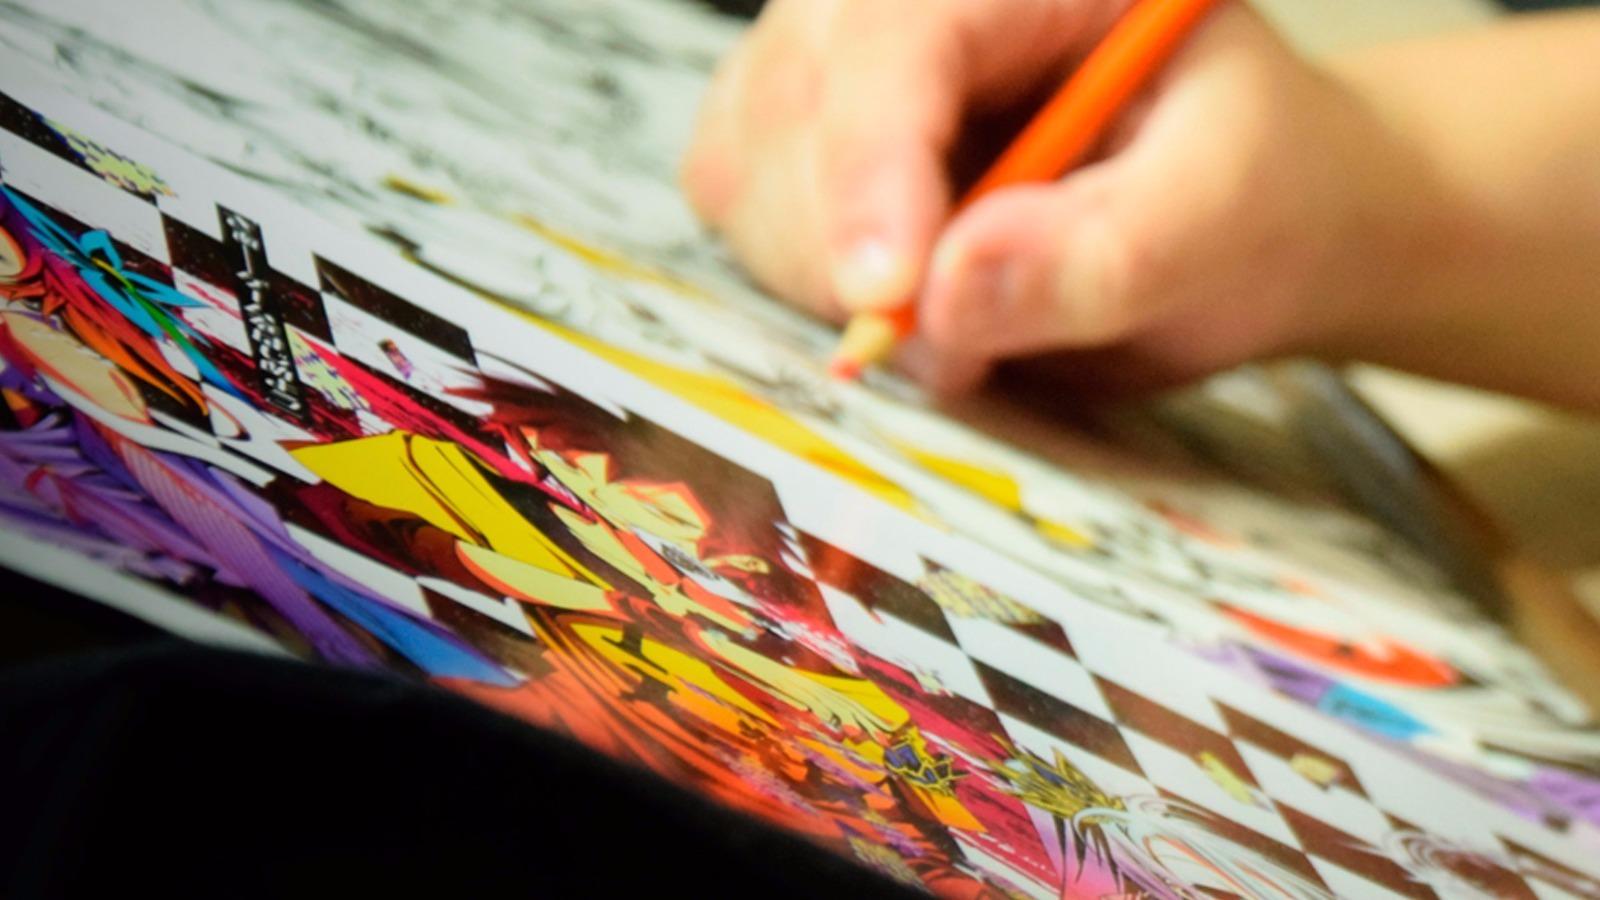 Aulas de Desenho Sorocaba